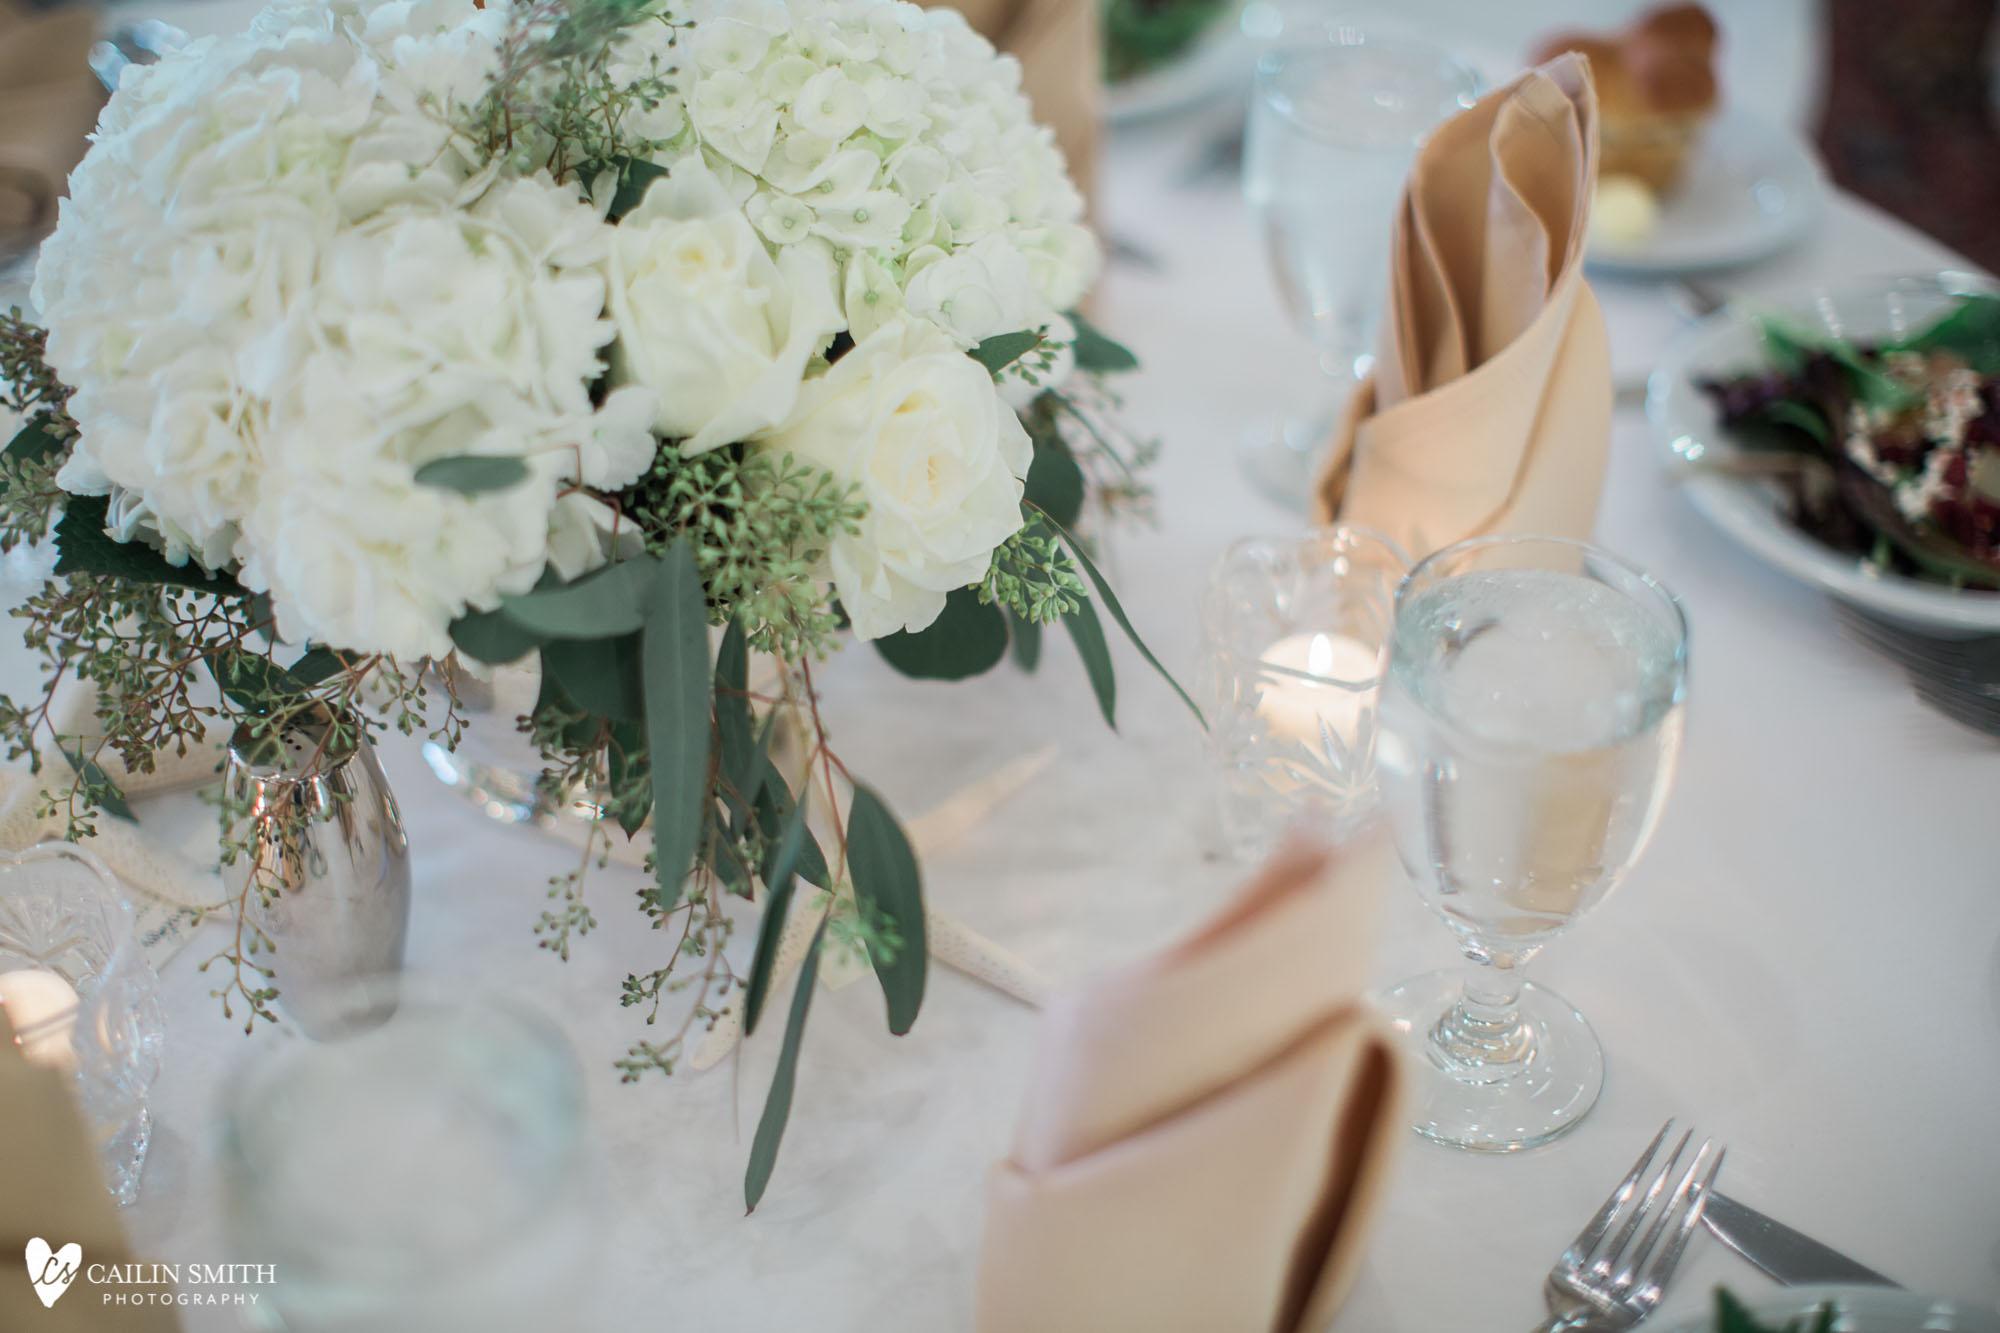 Leah_Major_St_Marys_Wedding_Photography_096.jpg